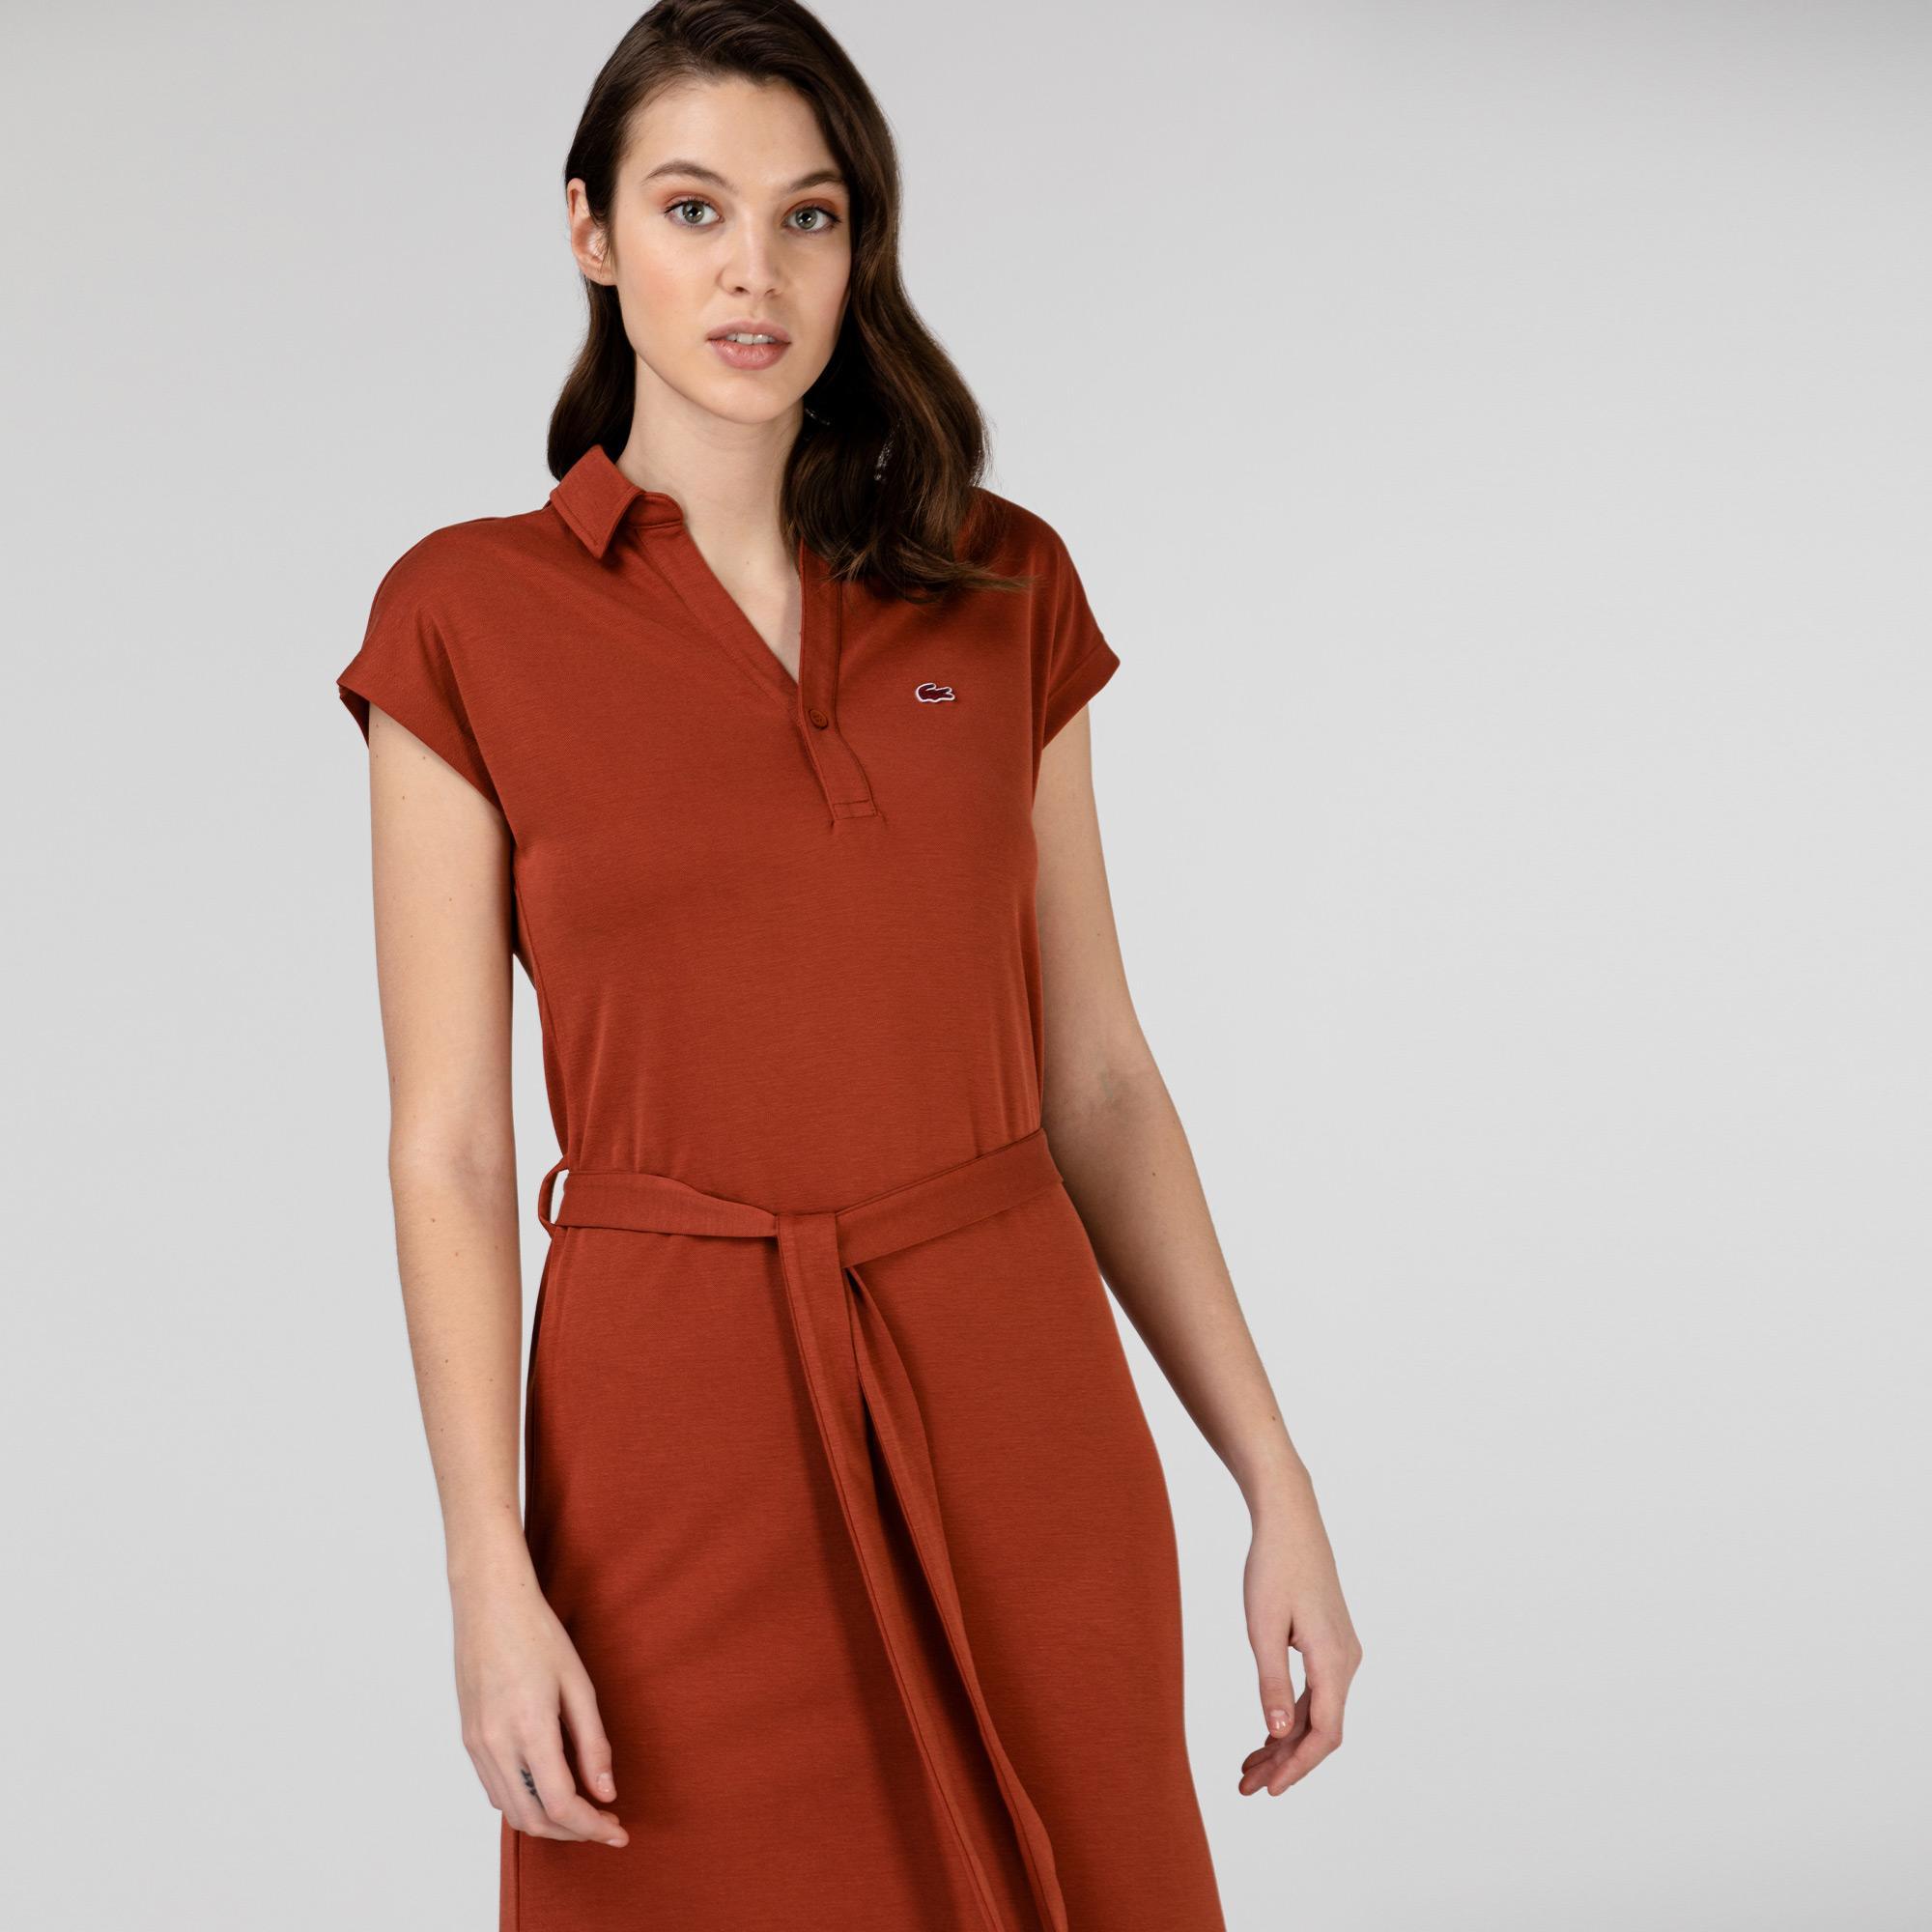 Lacoste Kadın Kısa Kollu Kiremit Elbise